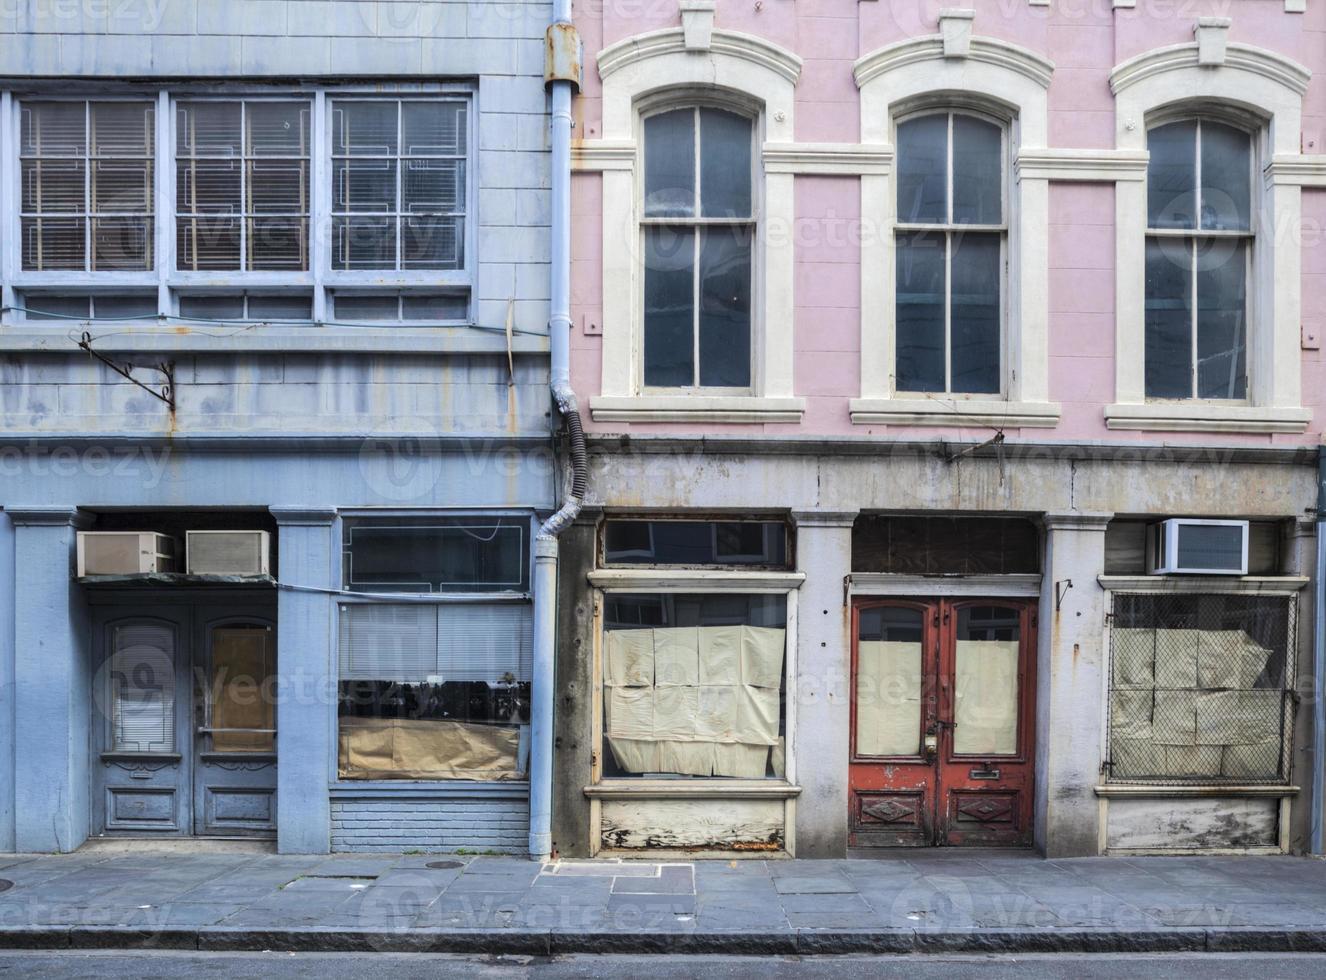 edificios abandonados del barrio francés de nueva orleans foto